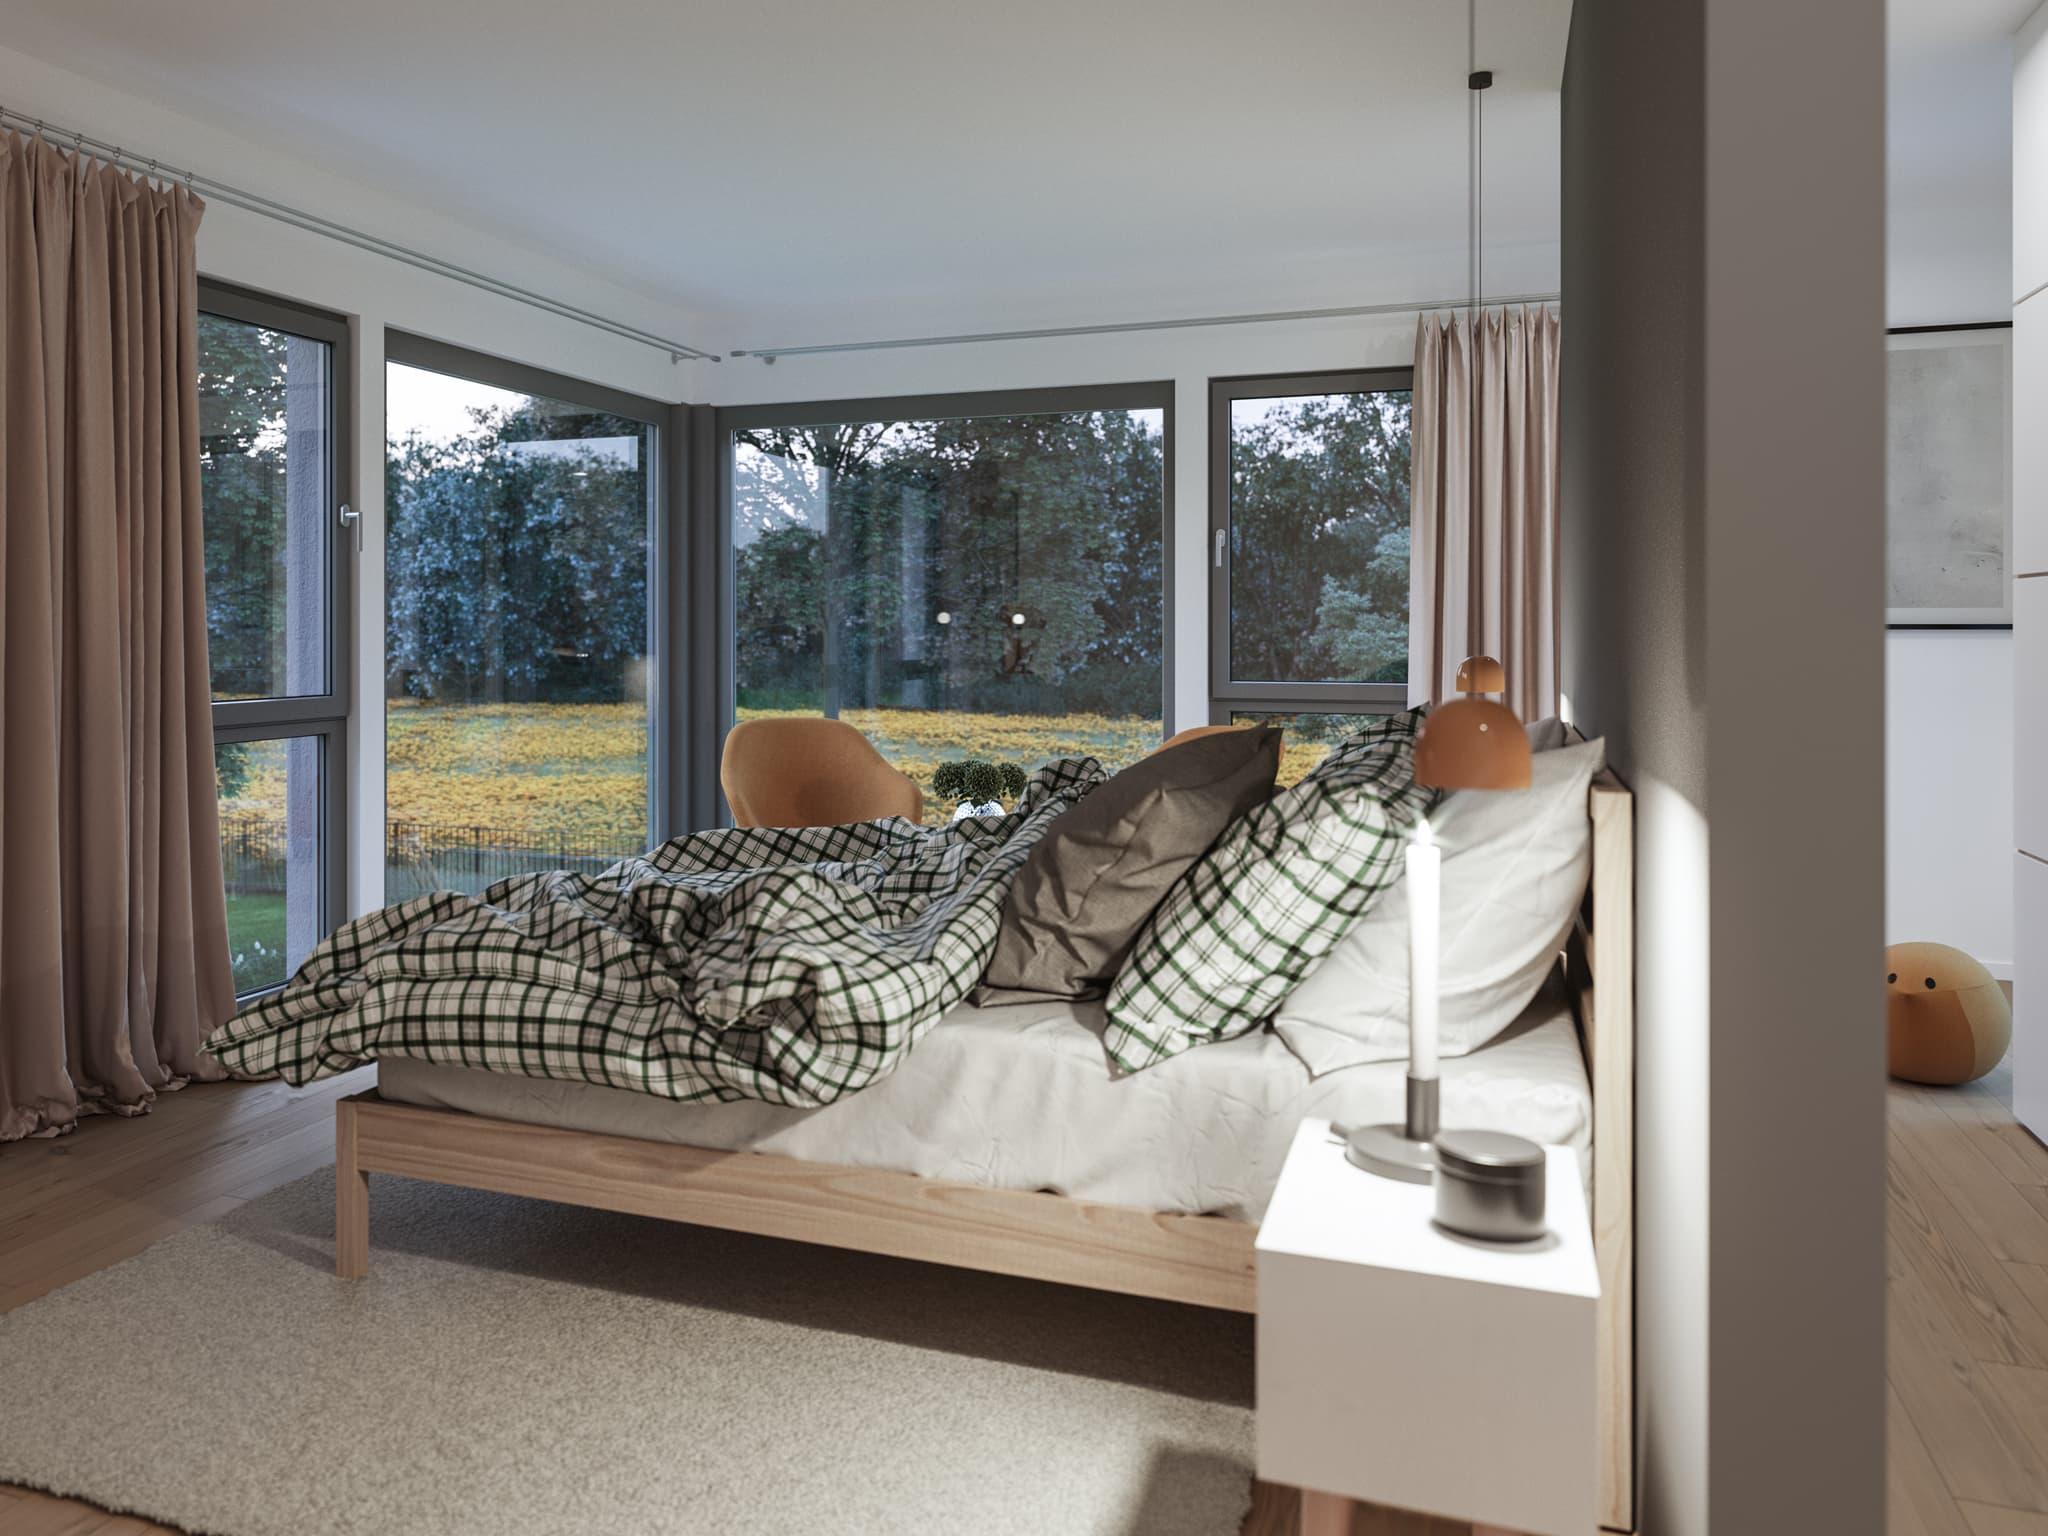 Schlafzimmer Cube - Wohnideen Living Haus Fertighaus SUNSHINE 154 V7 - HausbauDirekt.de